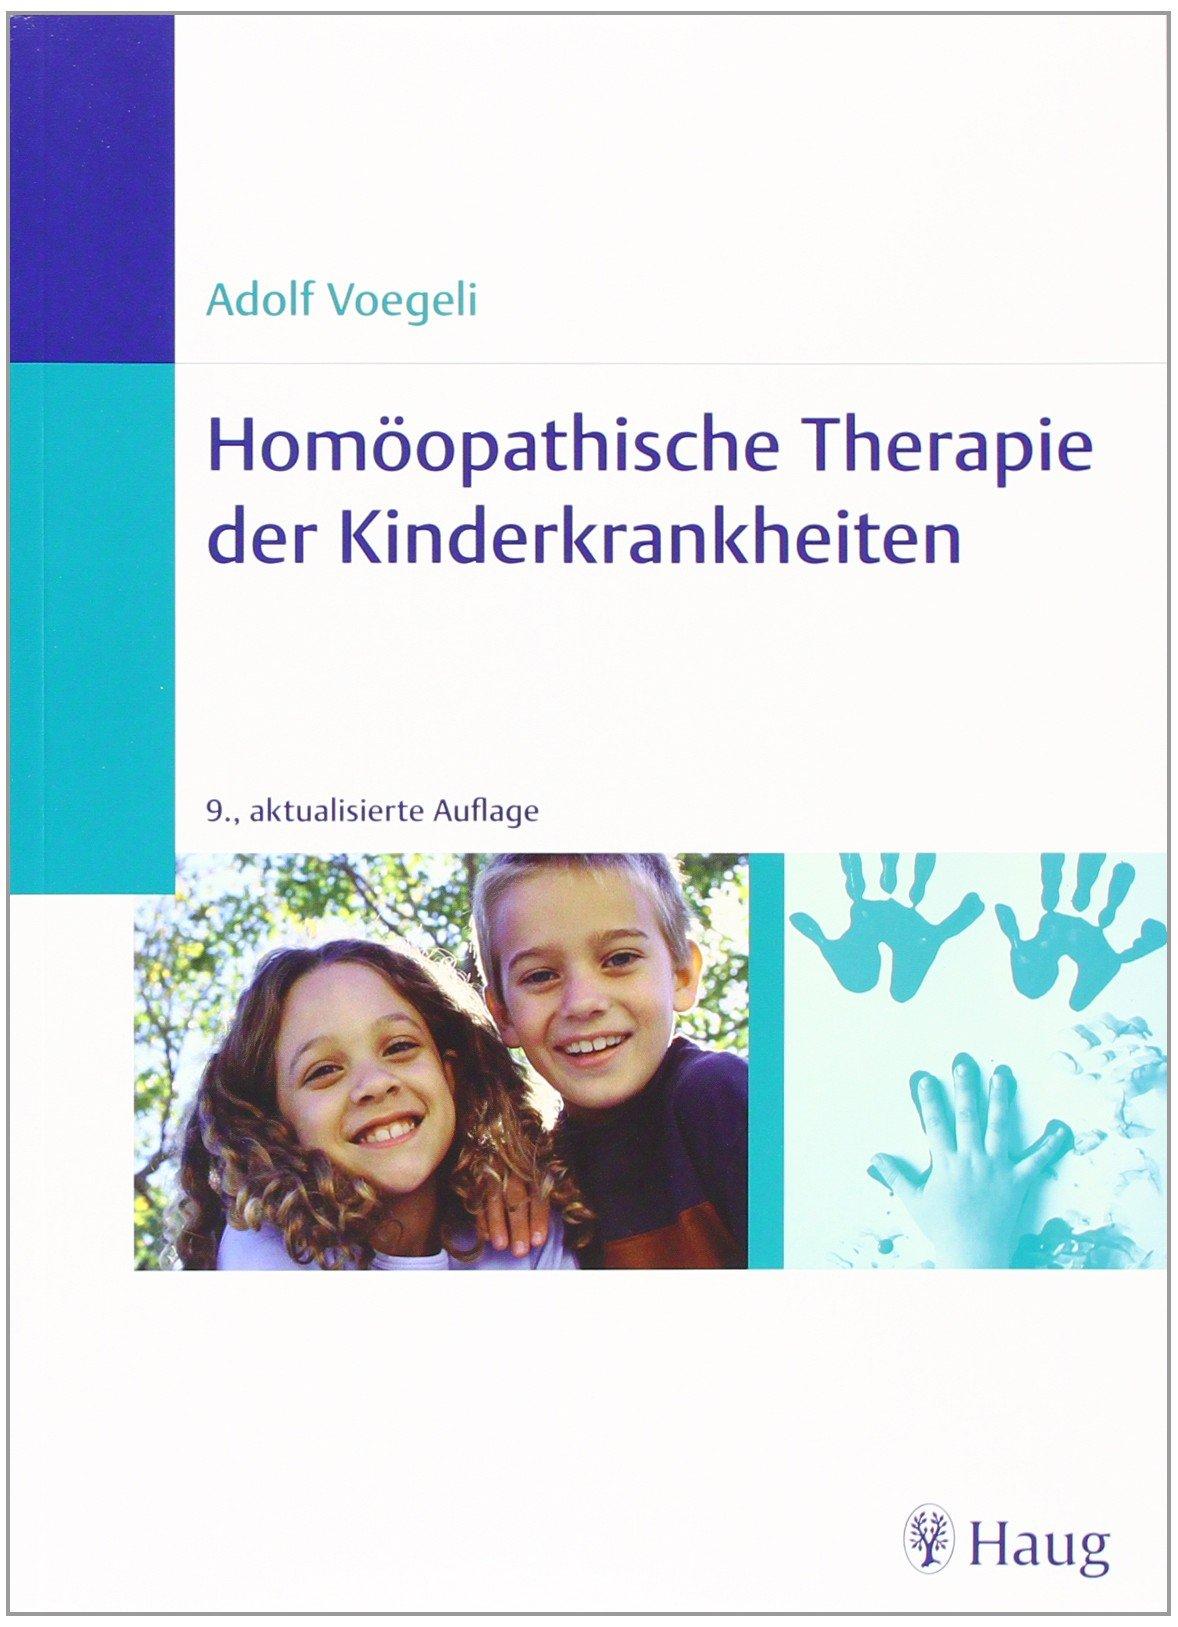 Homöopathische Therapie der Kinderkrankheiten